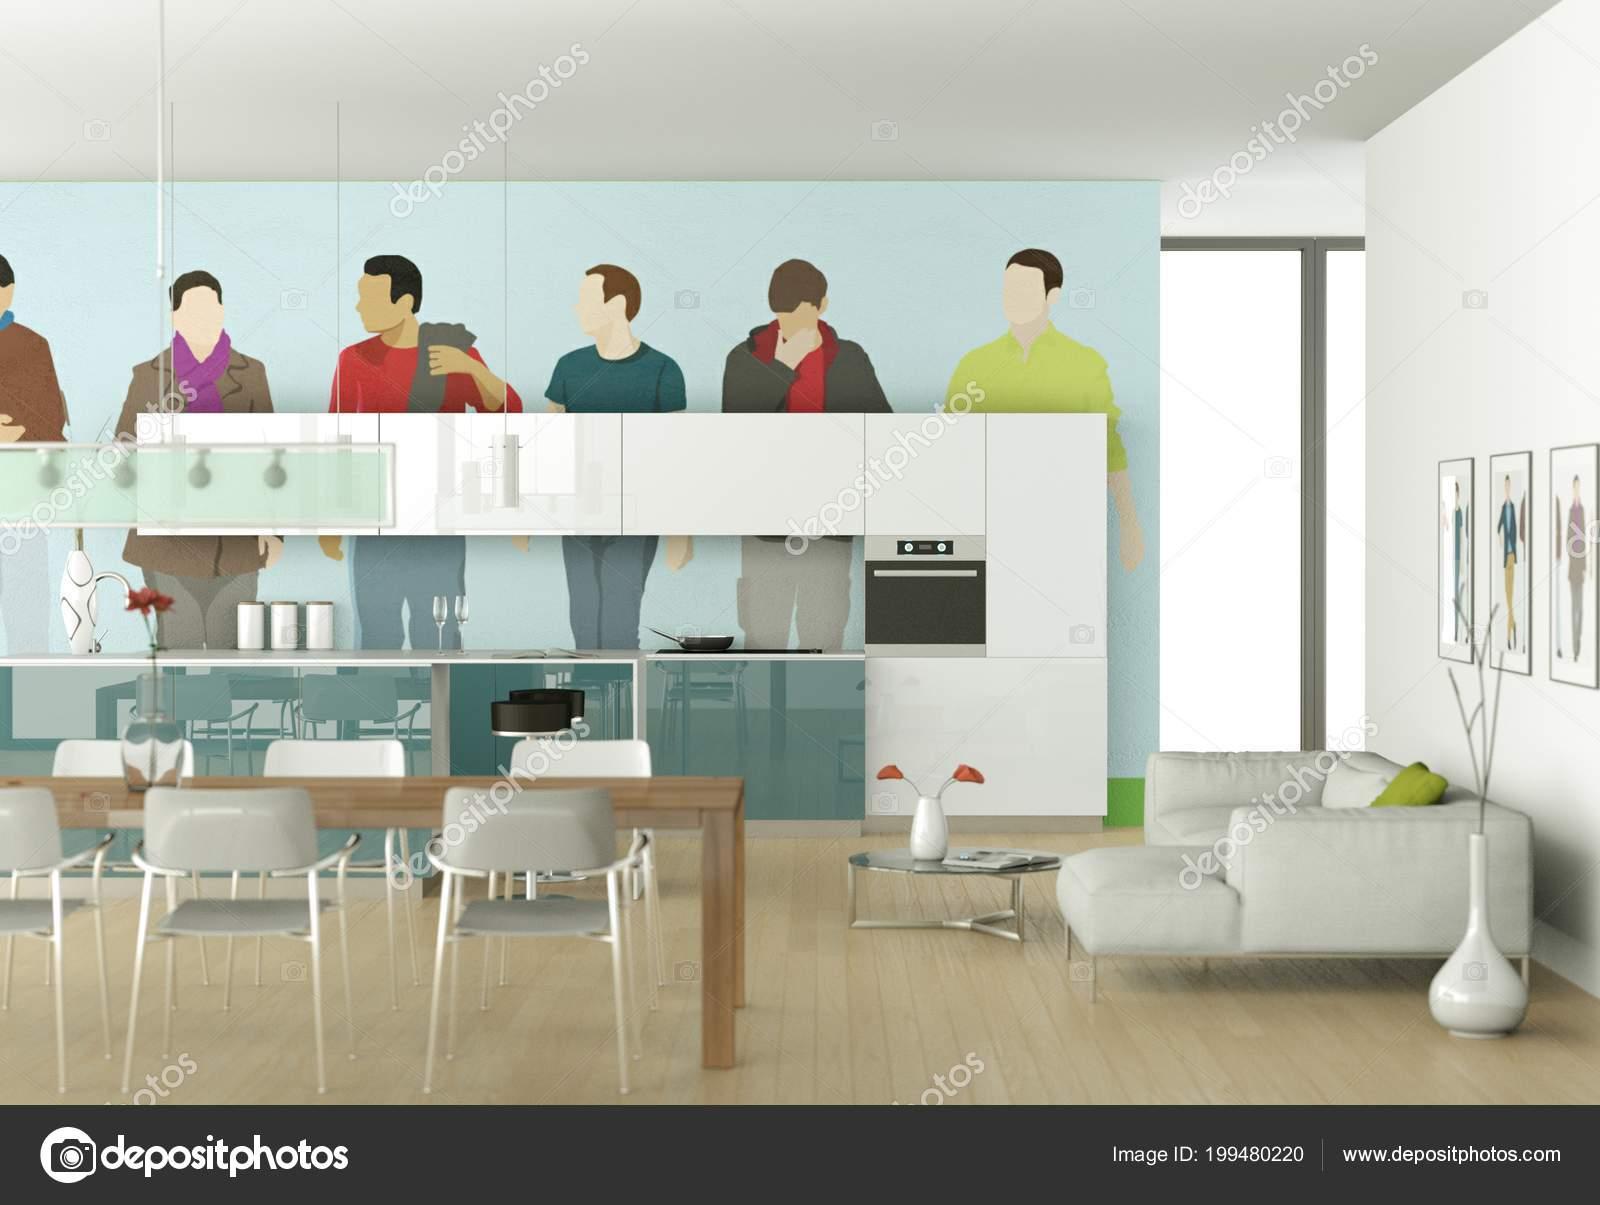 Cozinha Moderna Branca Com Papel De Parede Quadrinhos Stock Photo